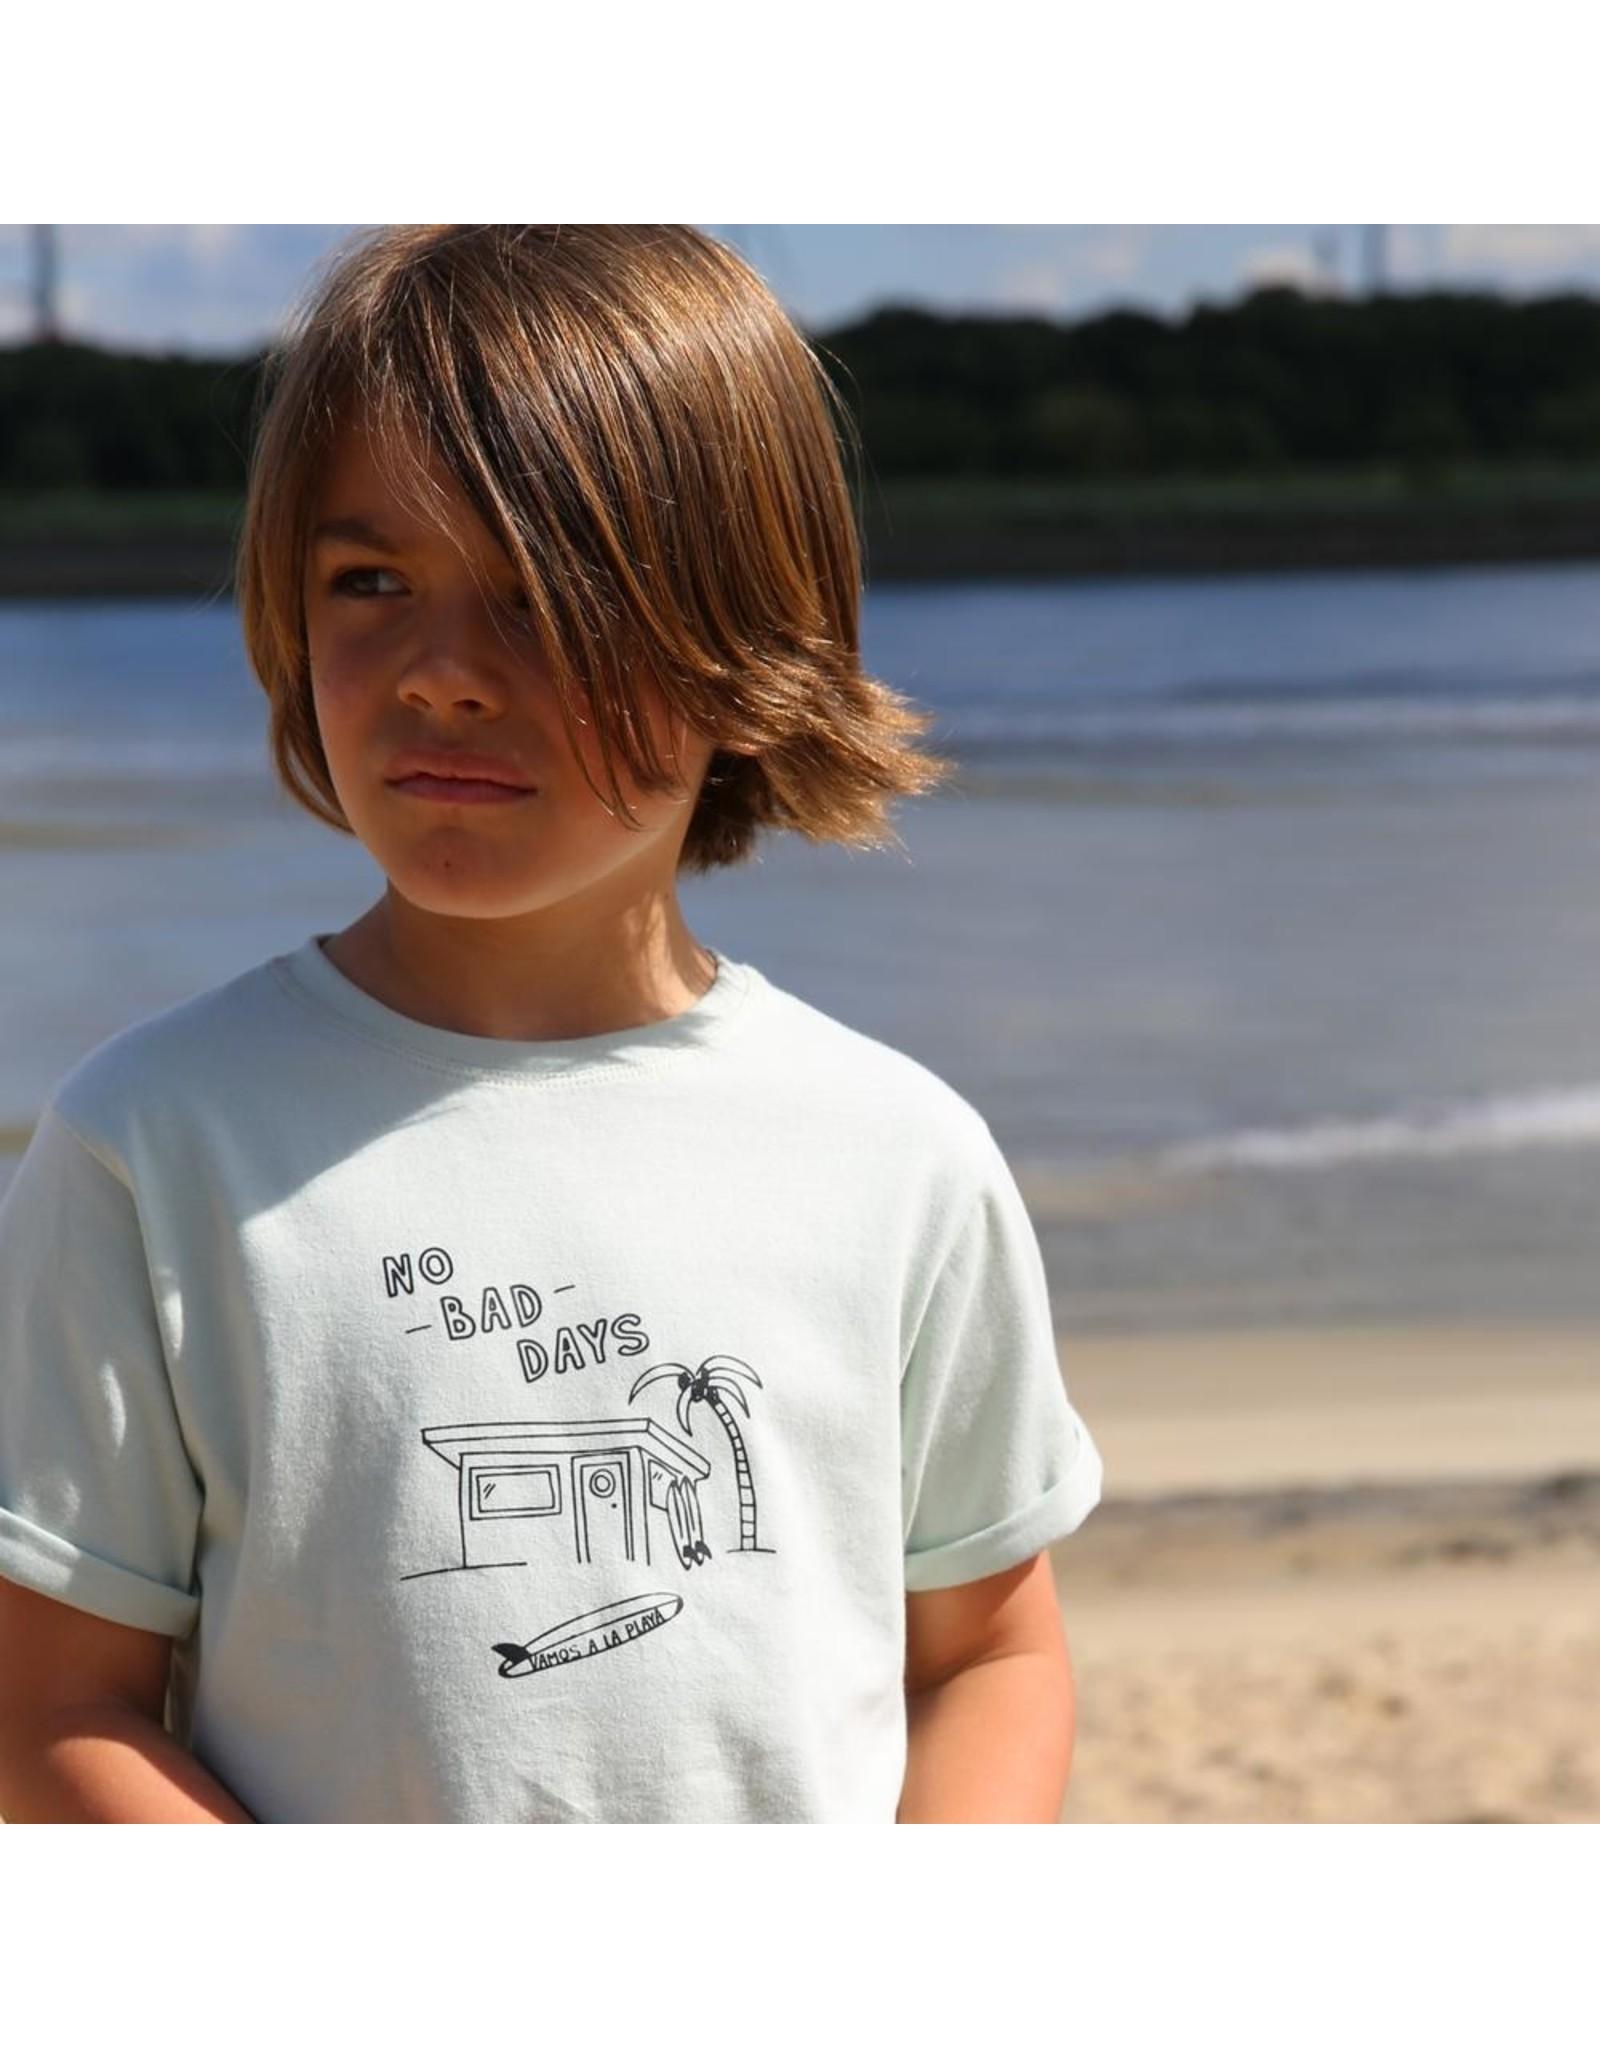 Cos I Said So Cos I Said So No Bad Days T-shirt Surf